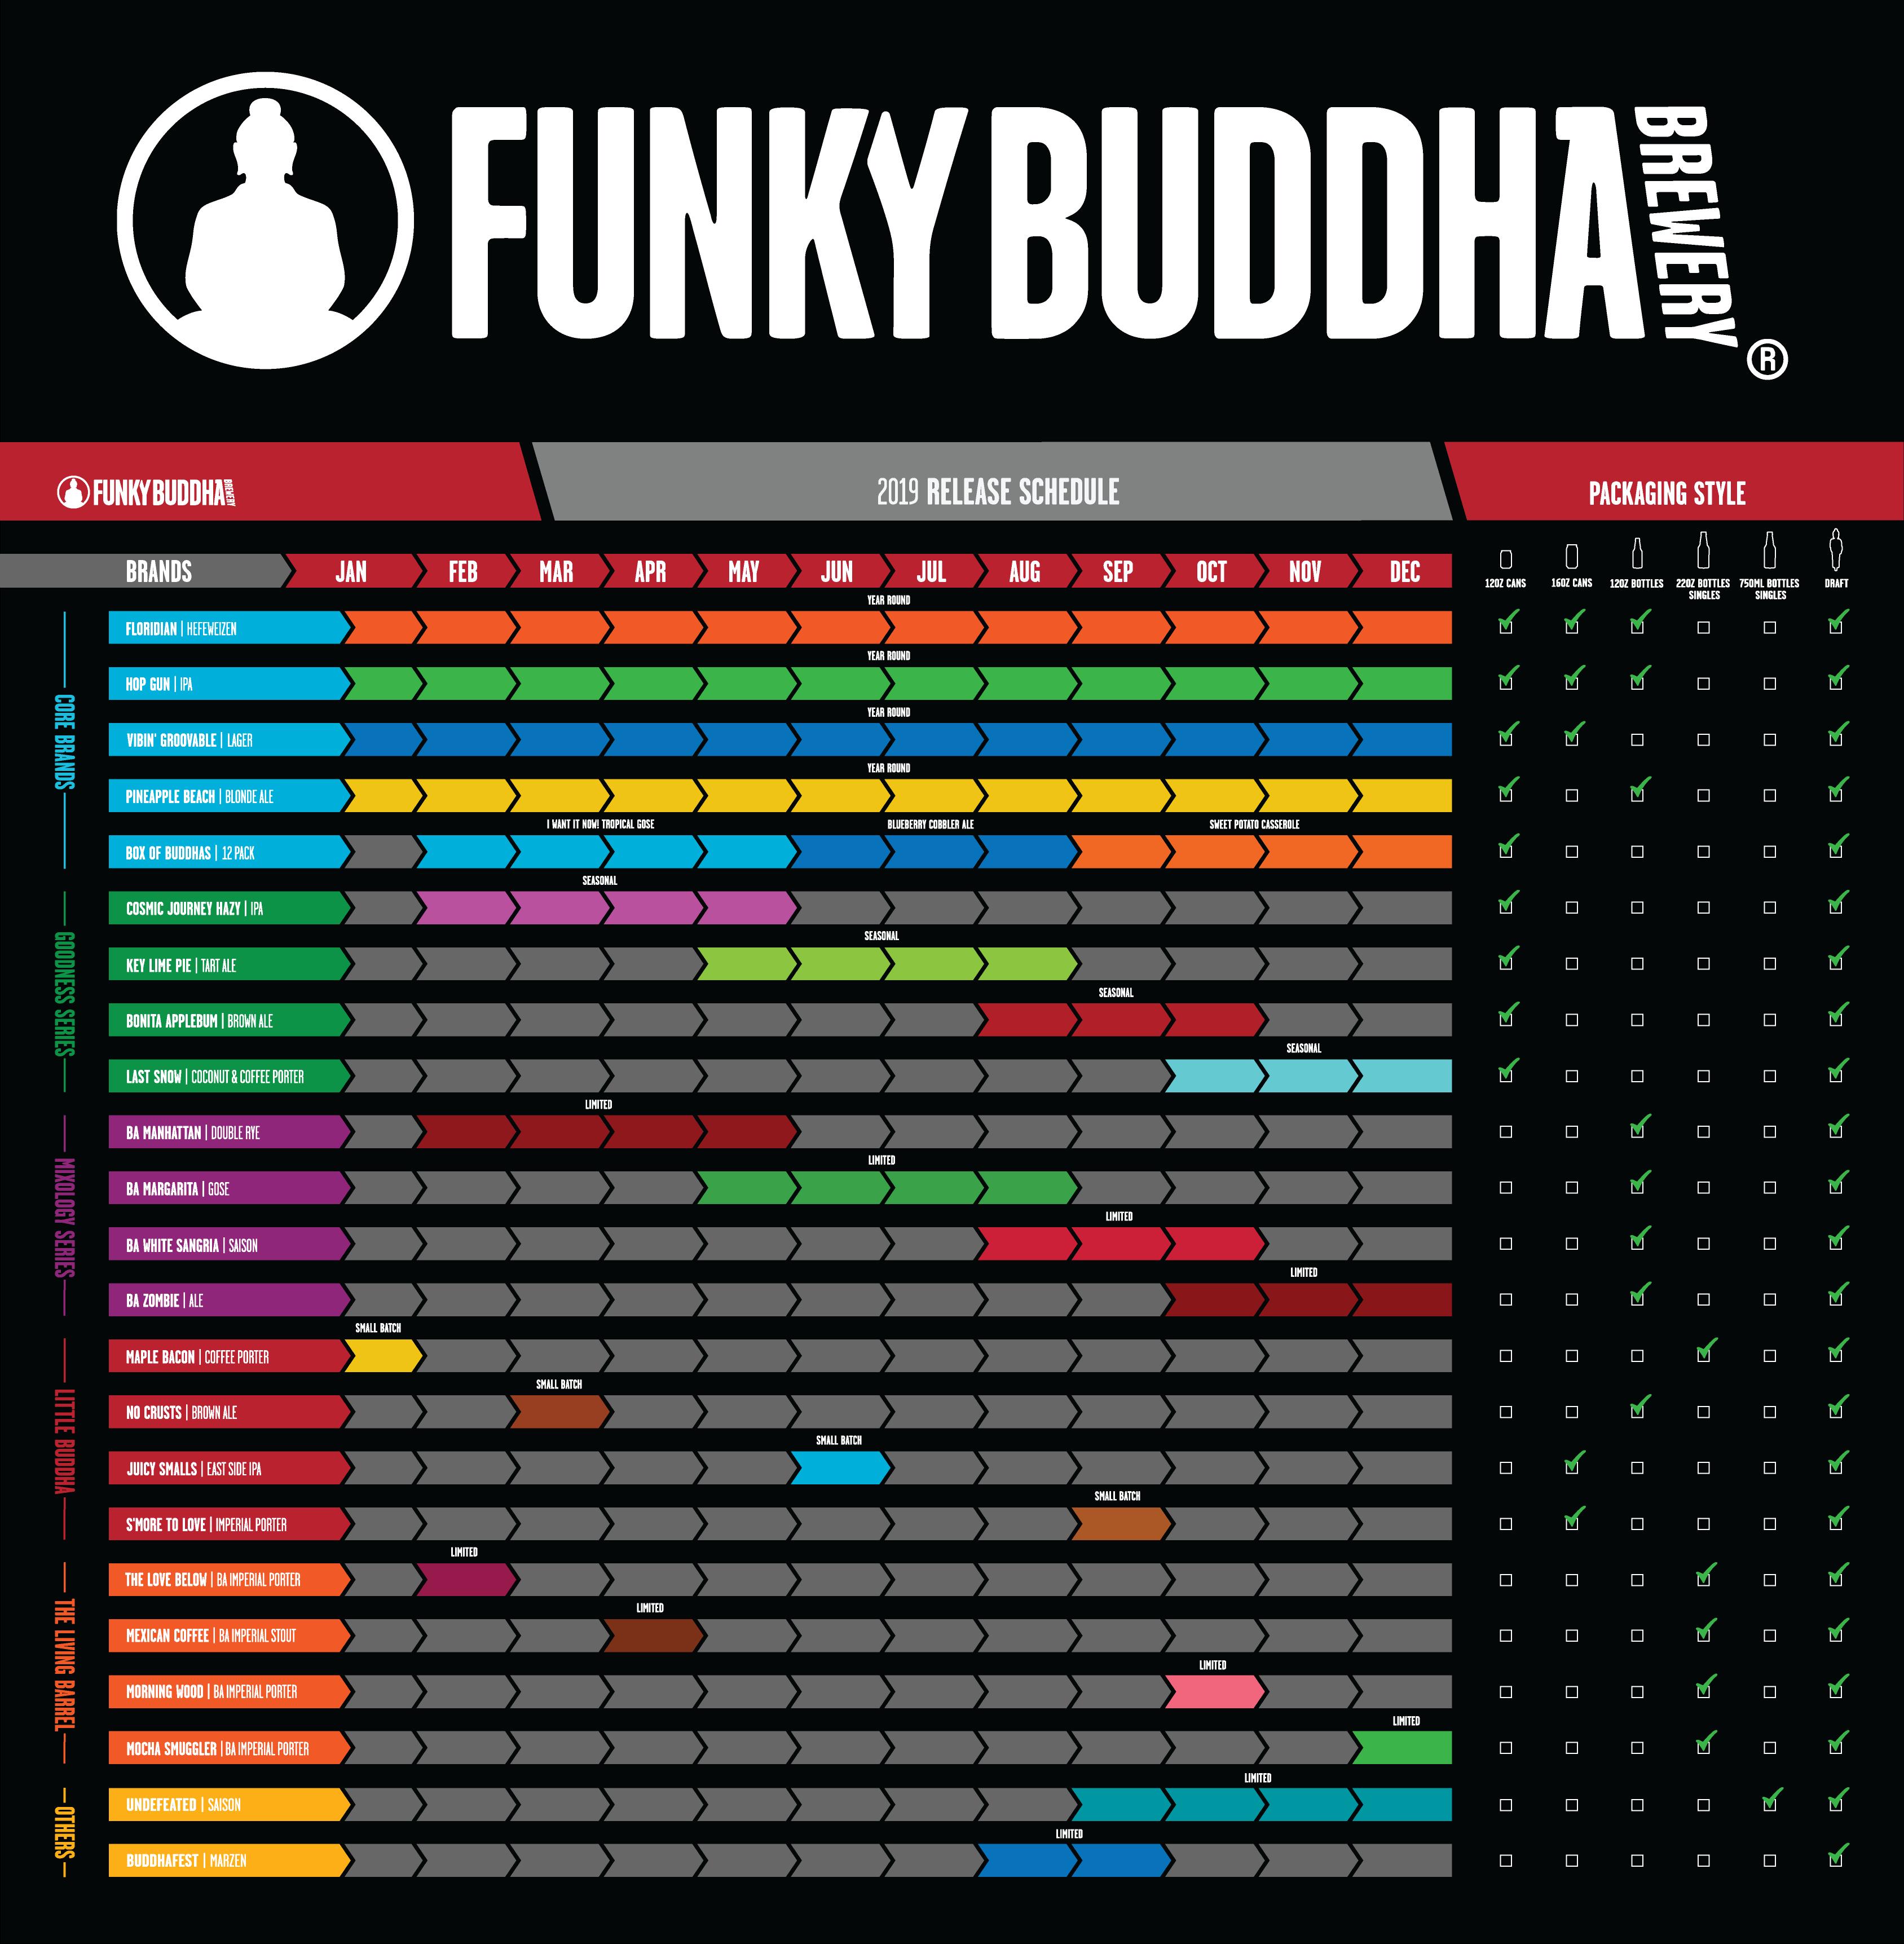 FBB_Funky_schedule_2019_web